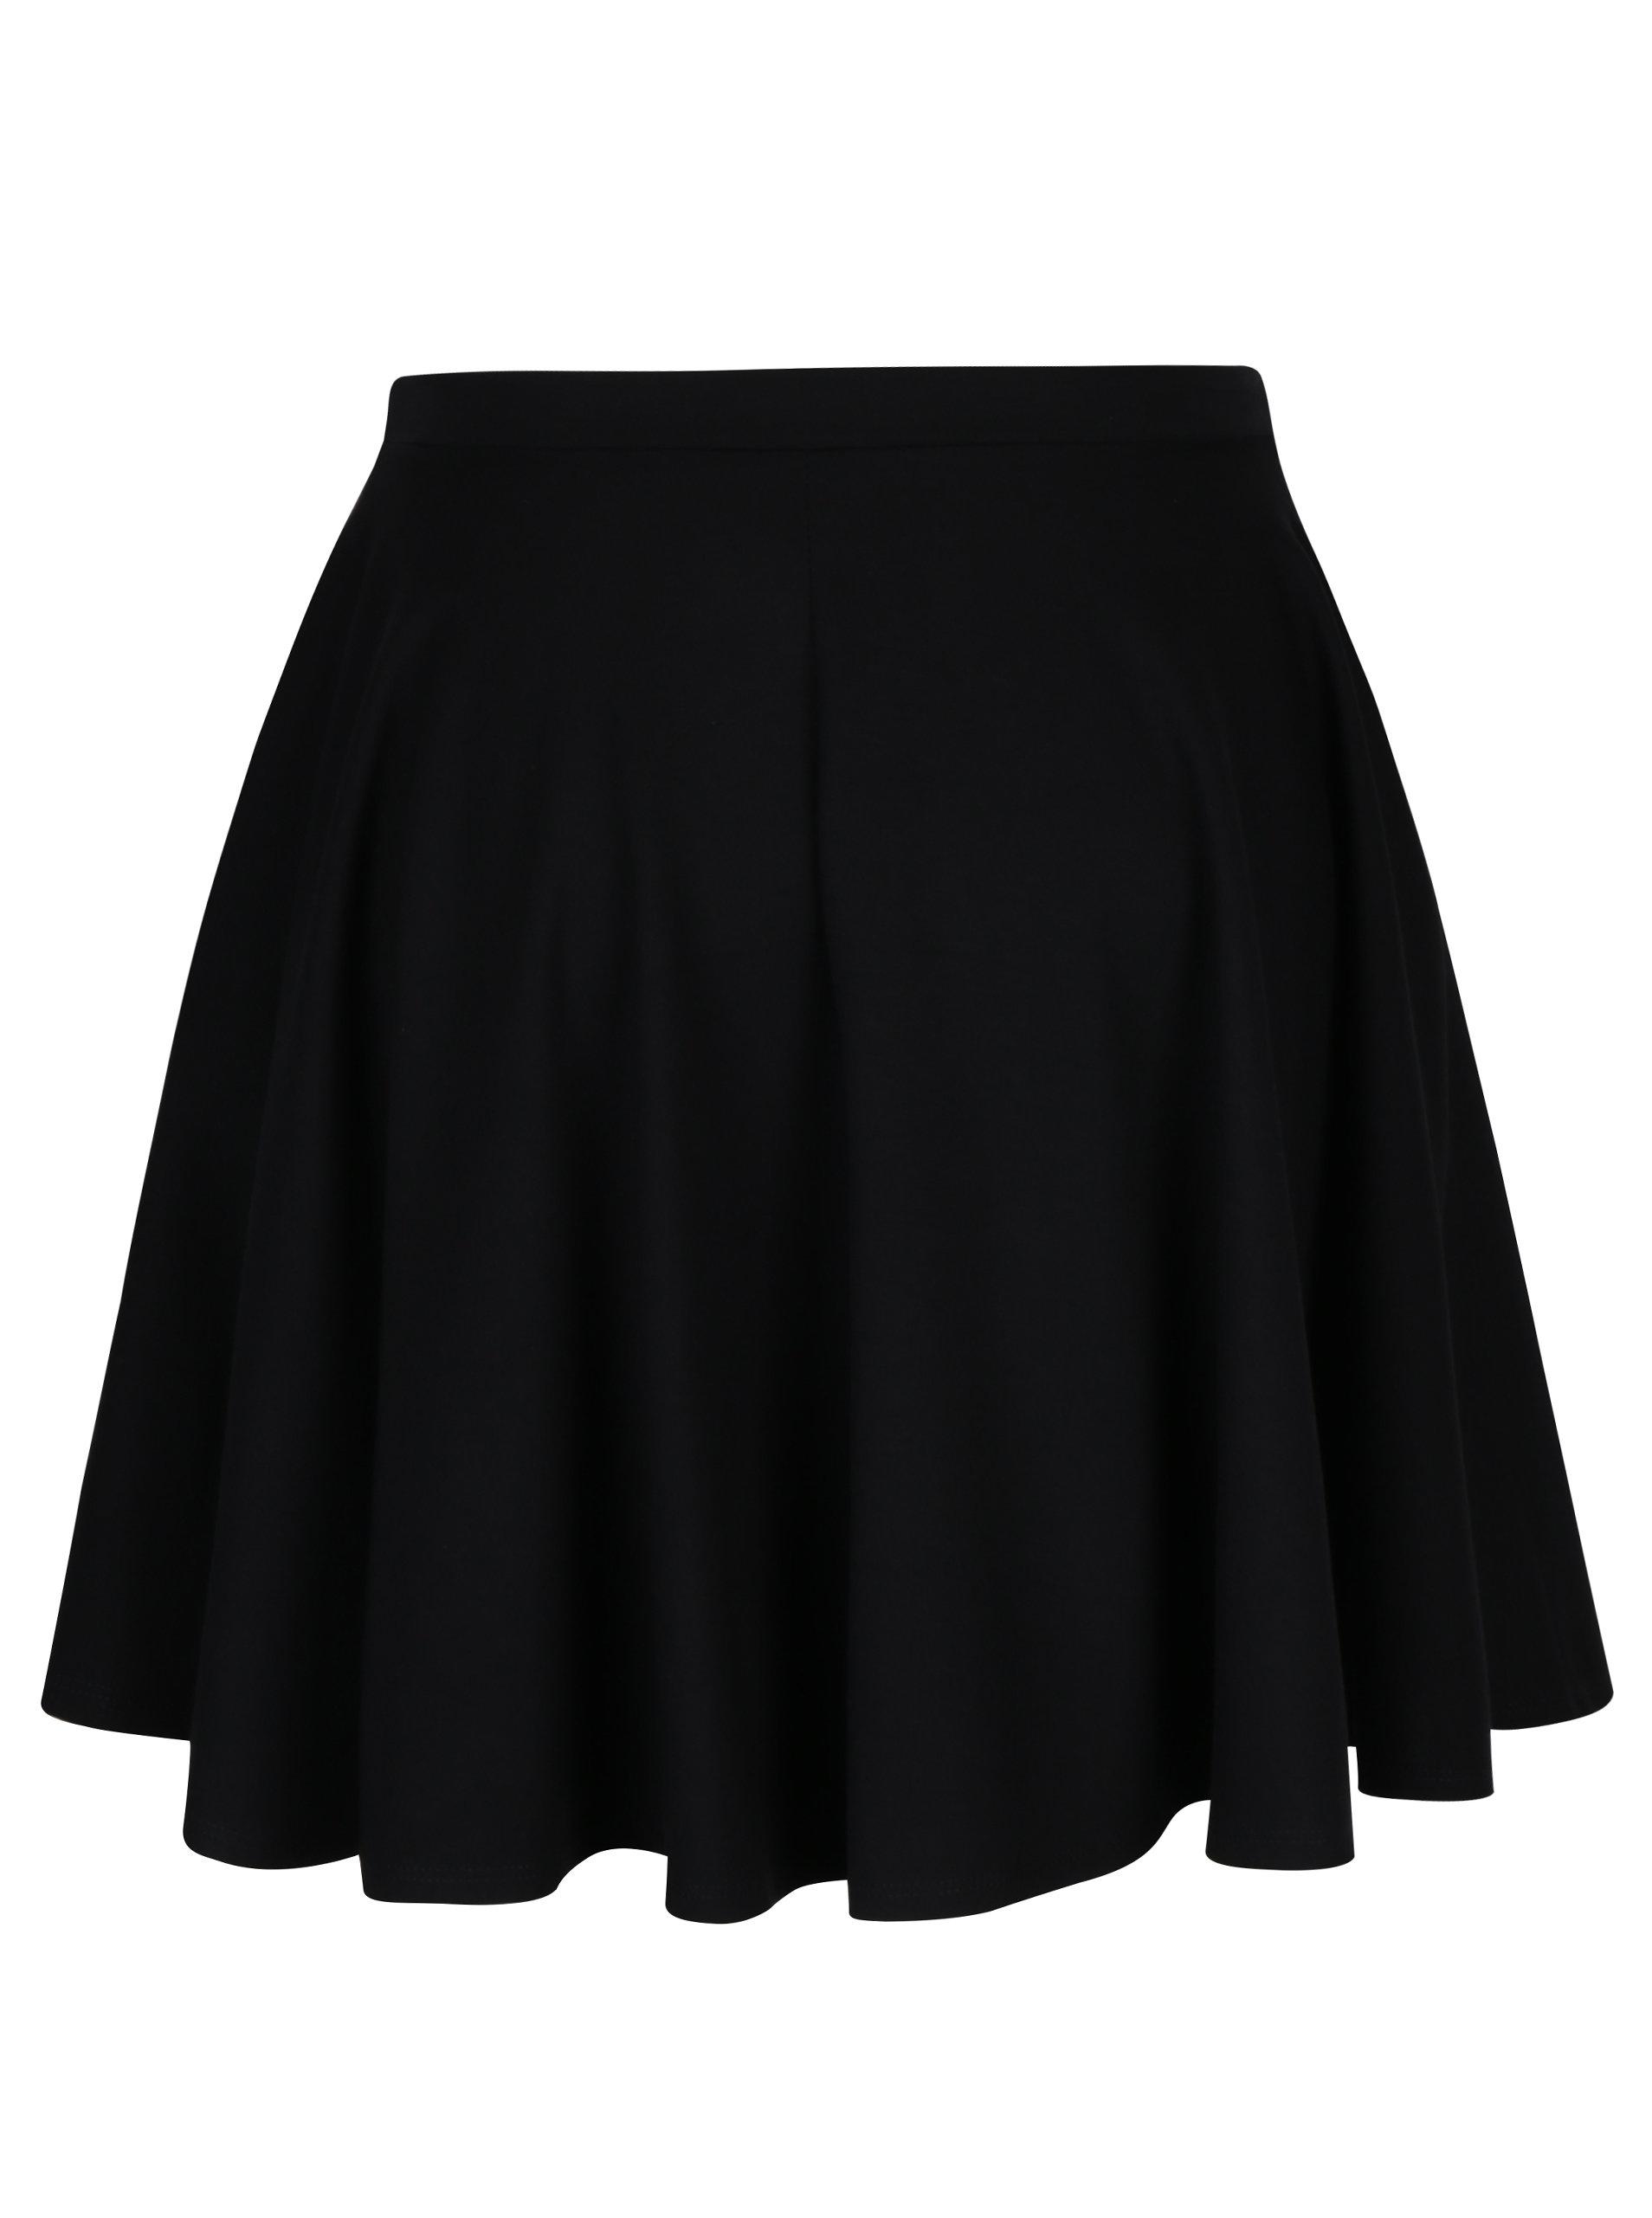 3f0f1439cb9 Černá kolová sukně s kapsami ZOOT ...